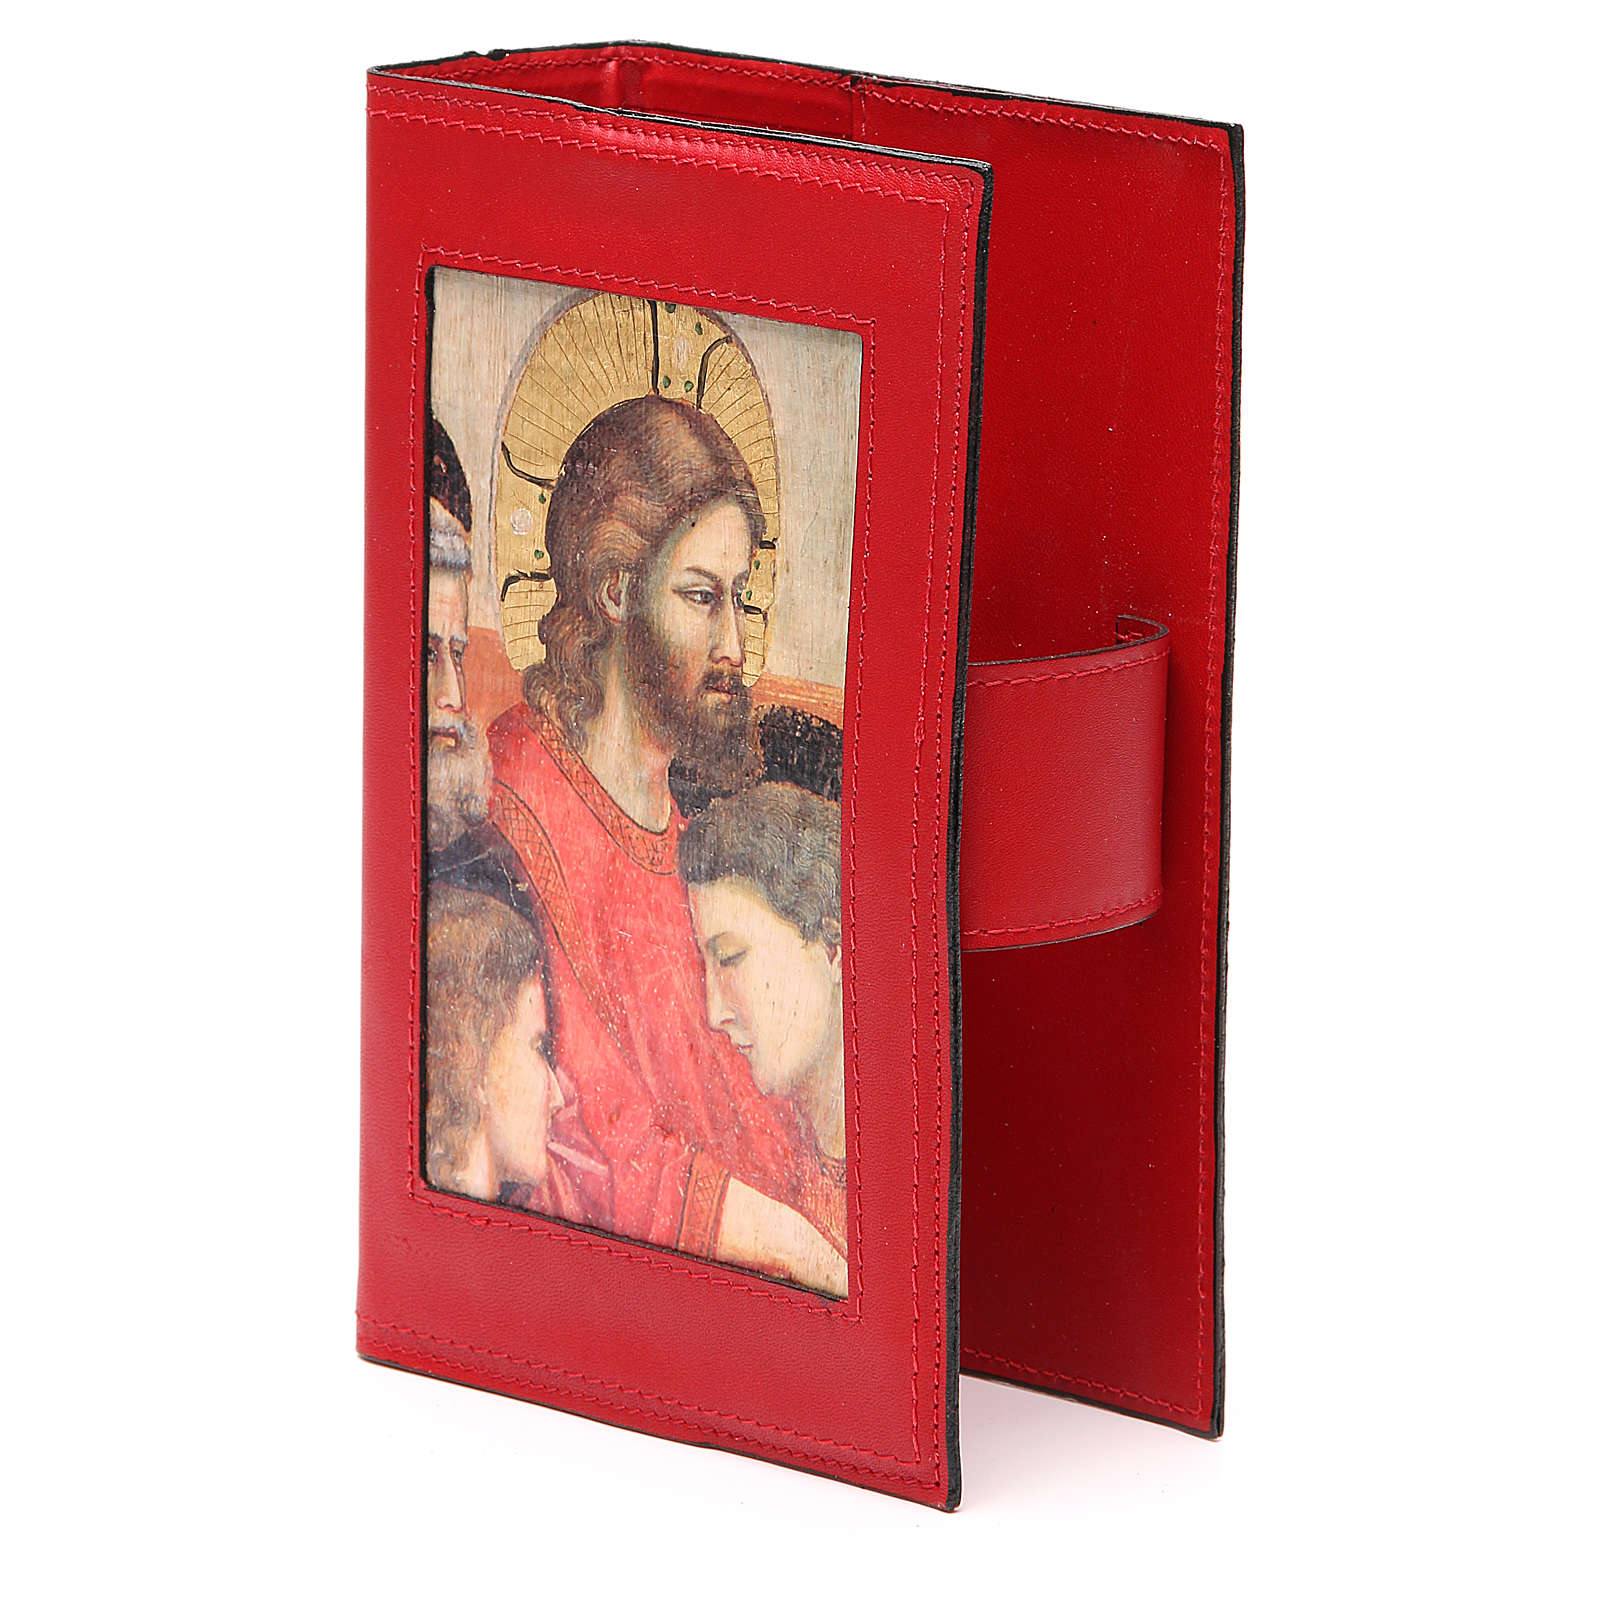 Copribreviario 4 vol. pelle rossa Giotto Ultima Cena Pictografia 4